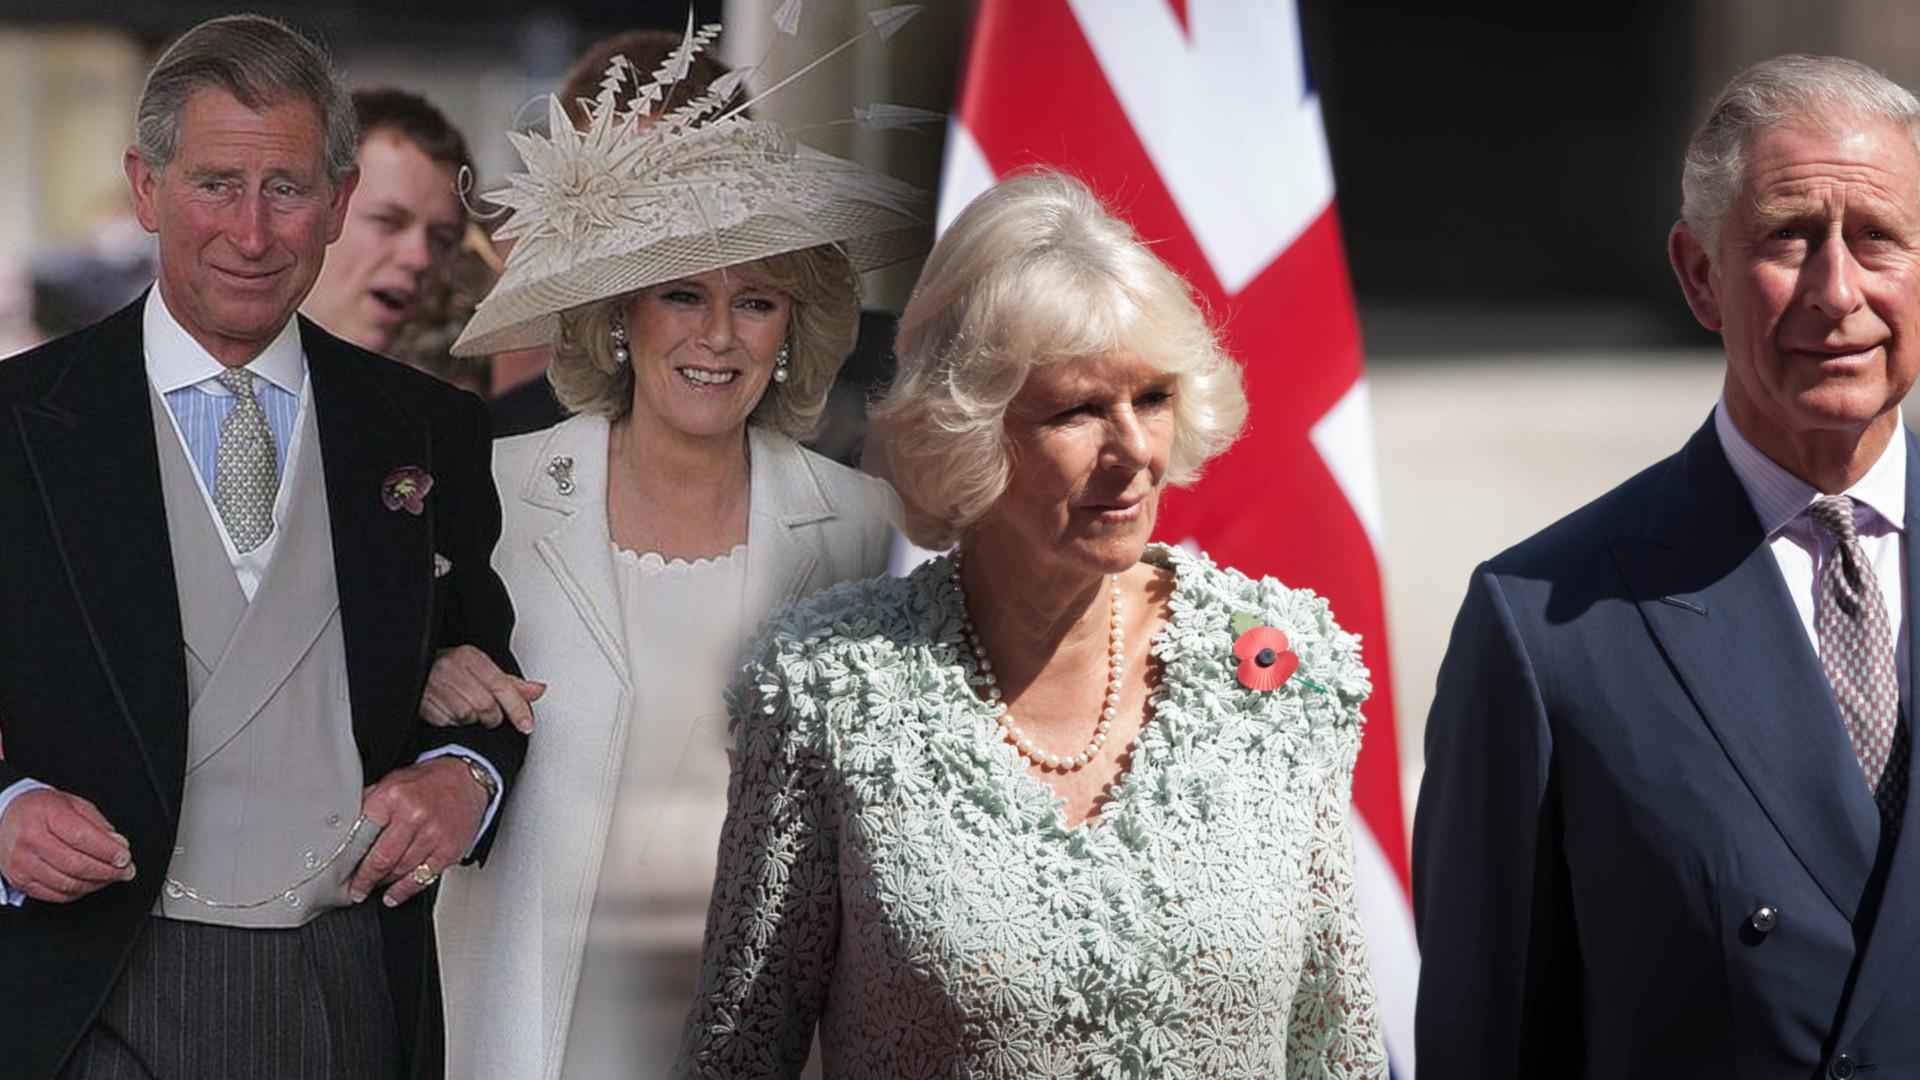 Zaskakujące wyznanie Simona Dorante-Daya, nieślubnego syna księżnej Camilli i księcia Karola